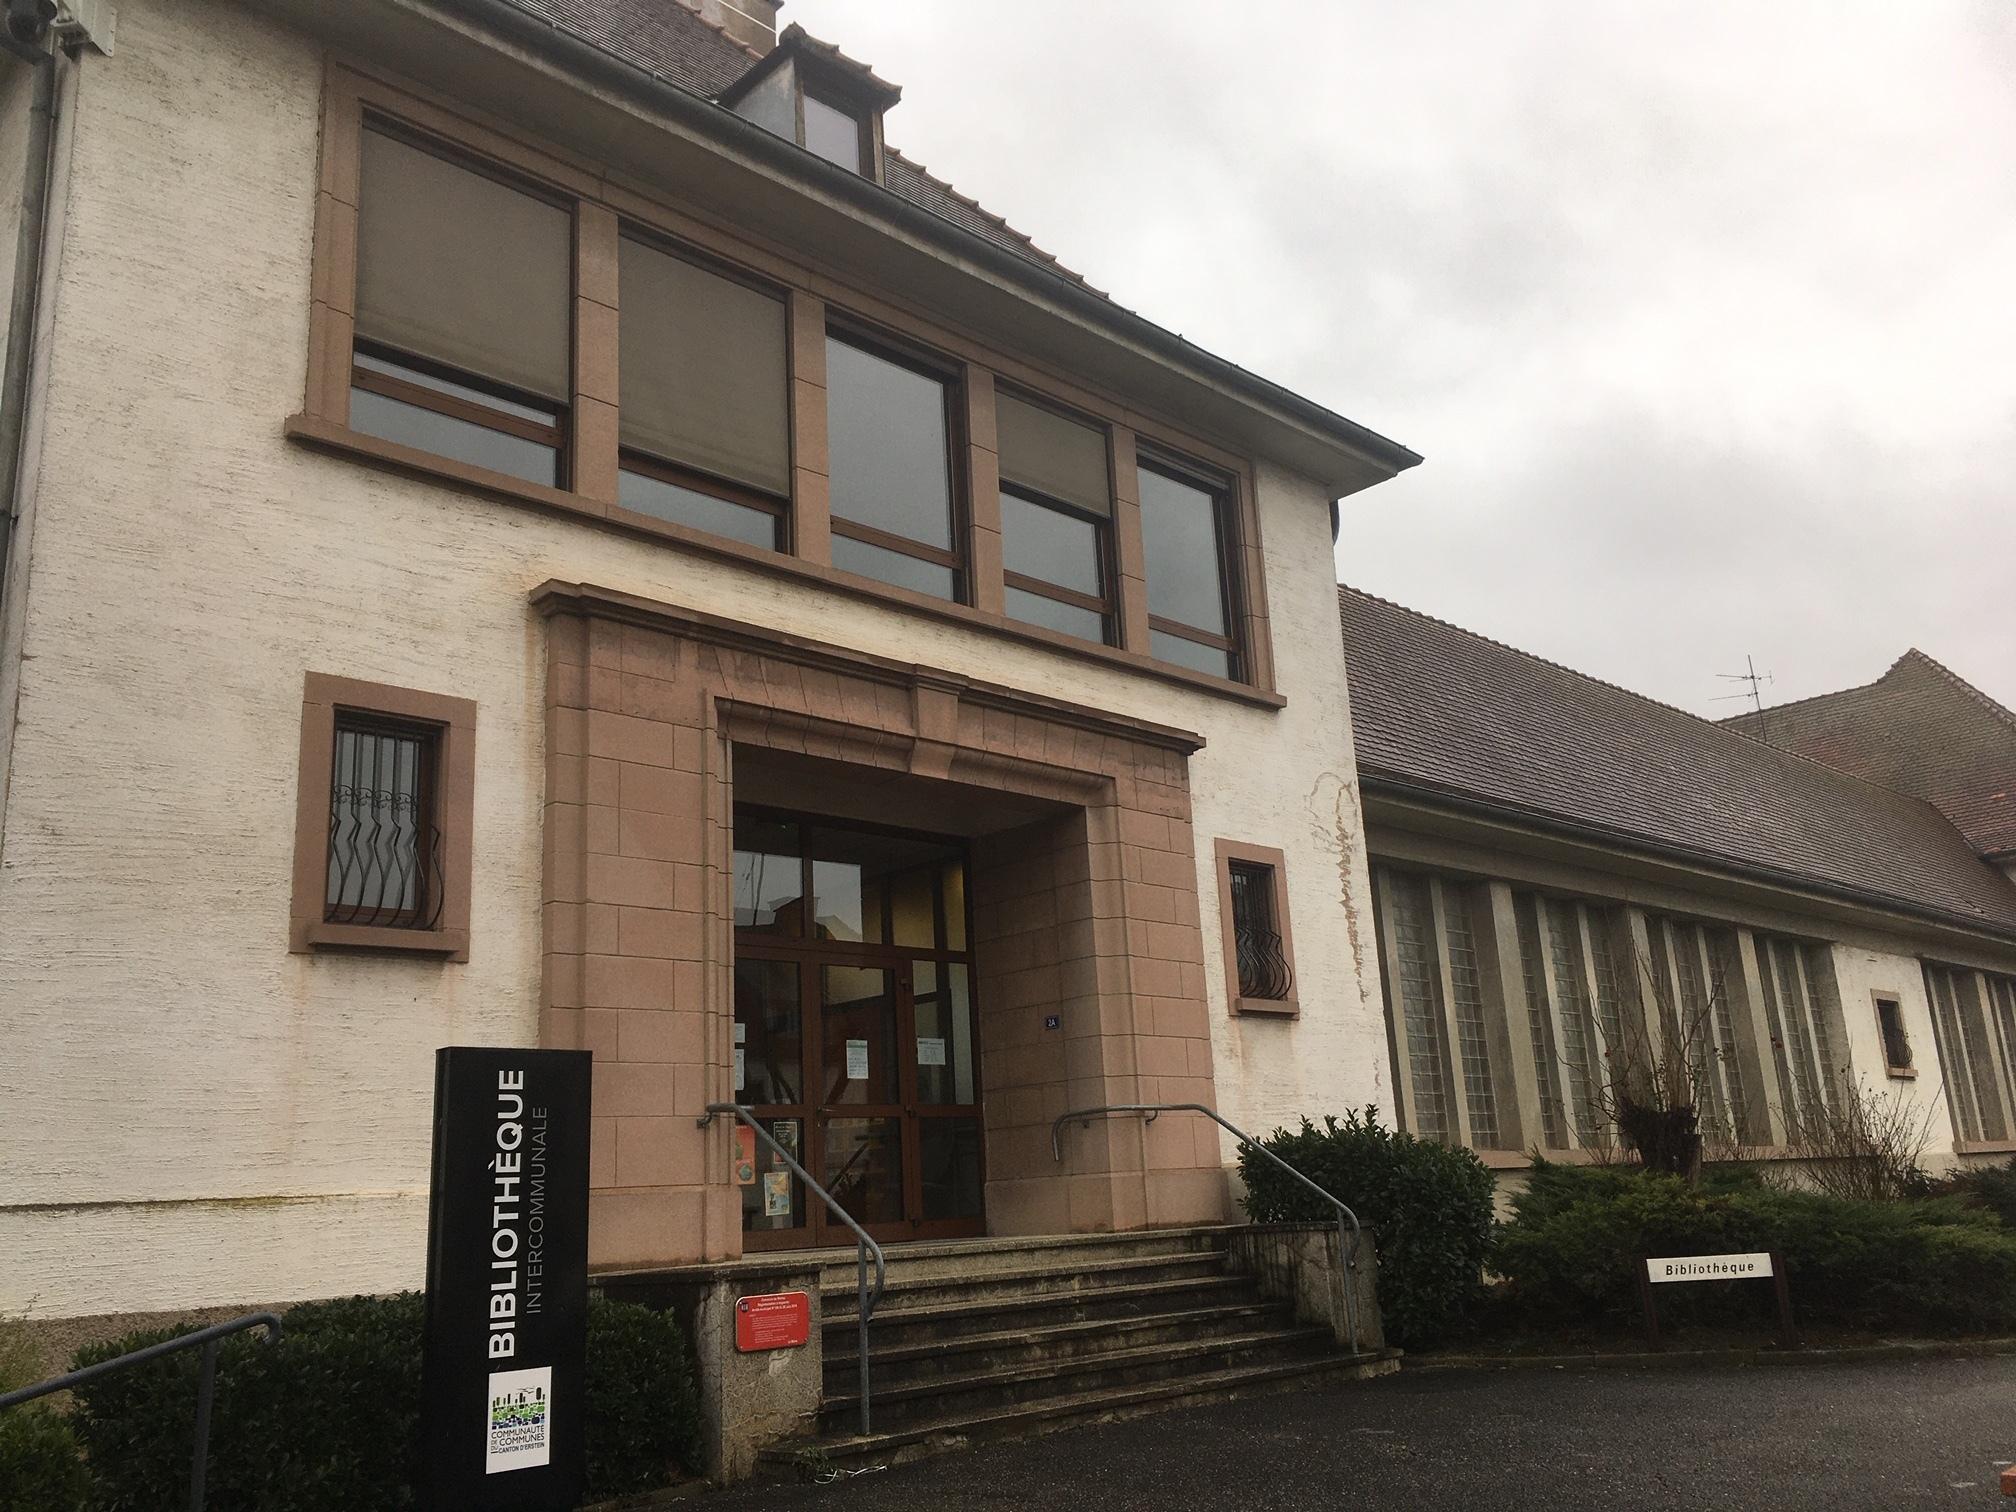 Médiathèques de la CCCE - Médiathèque de Rhinau